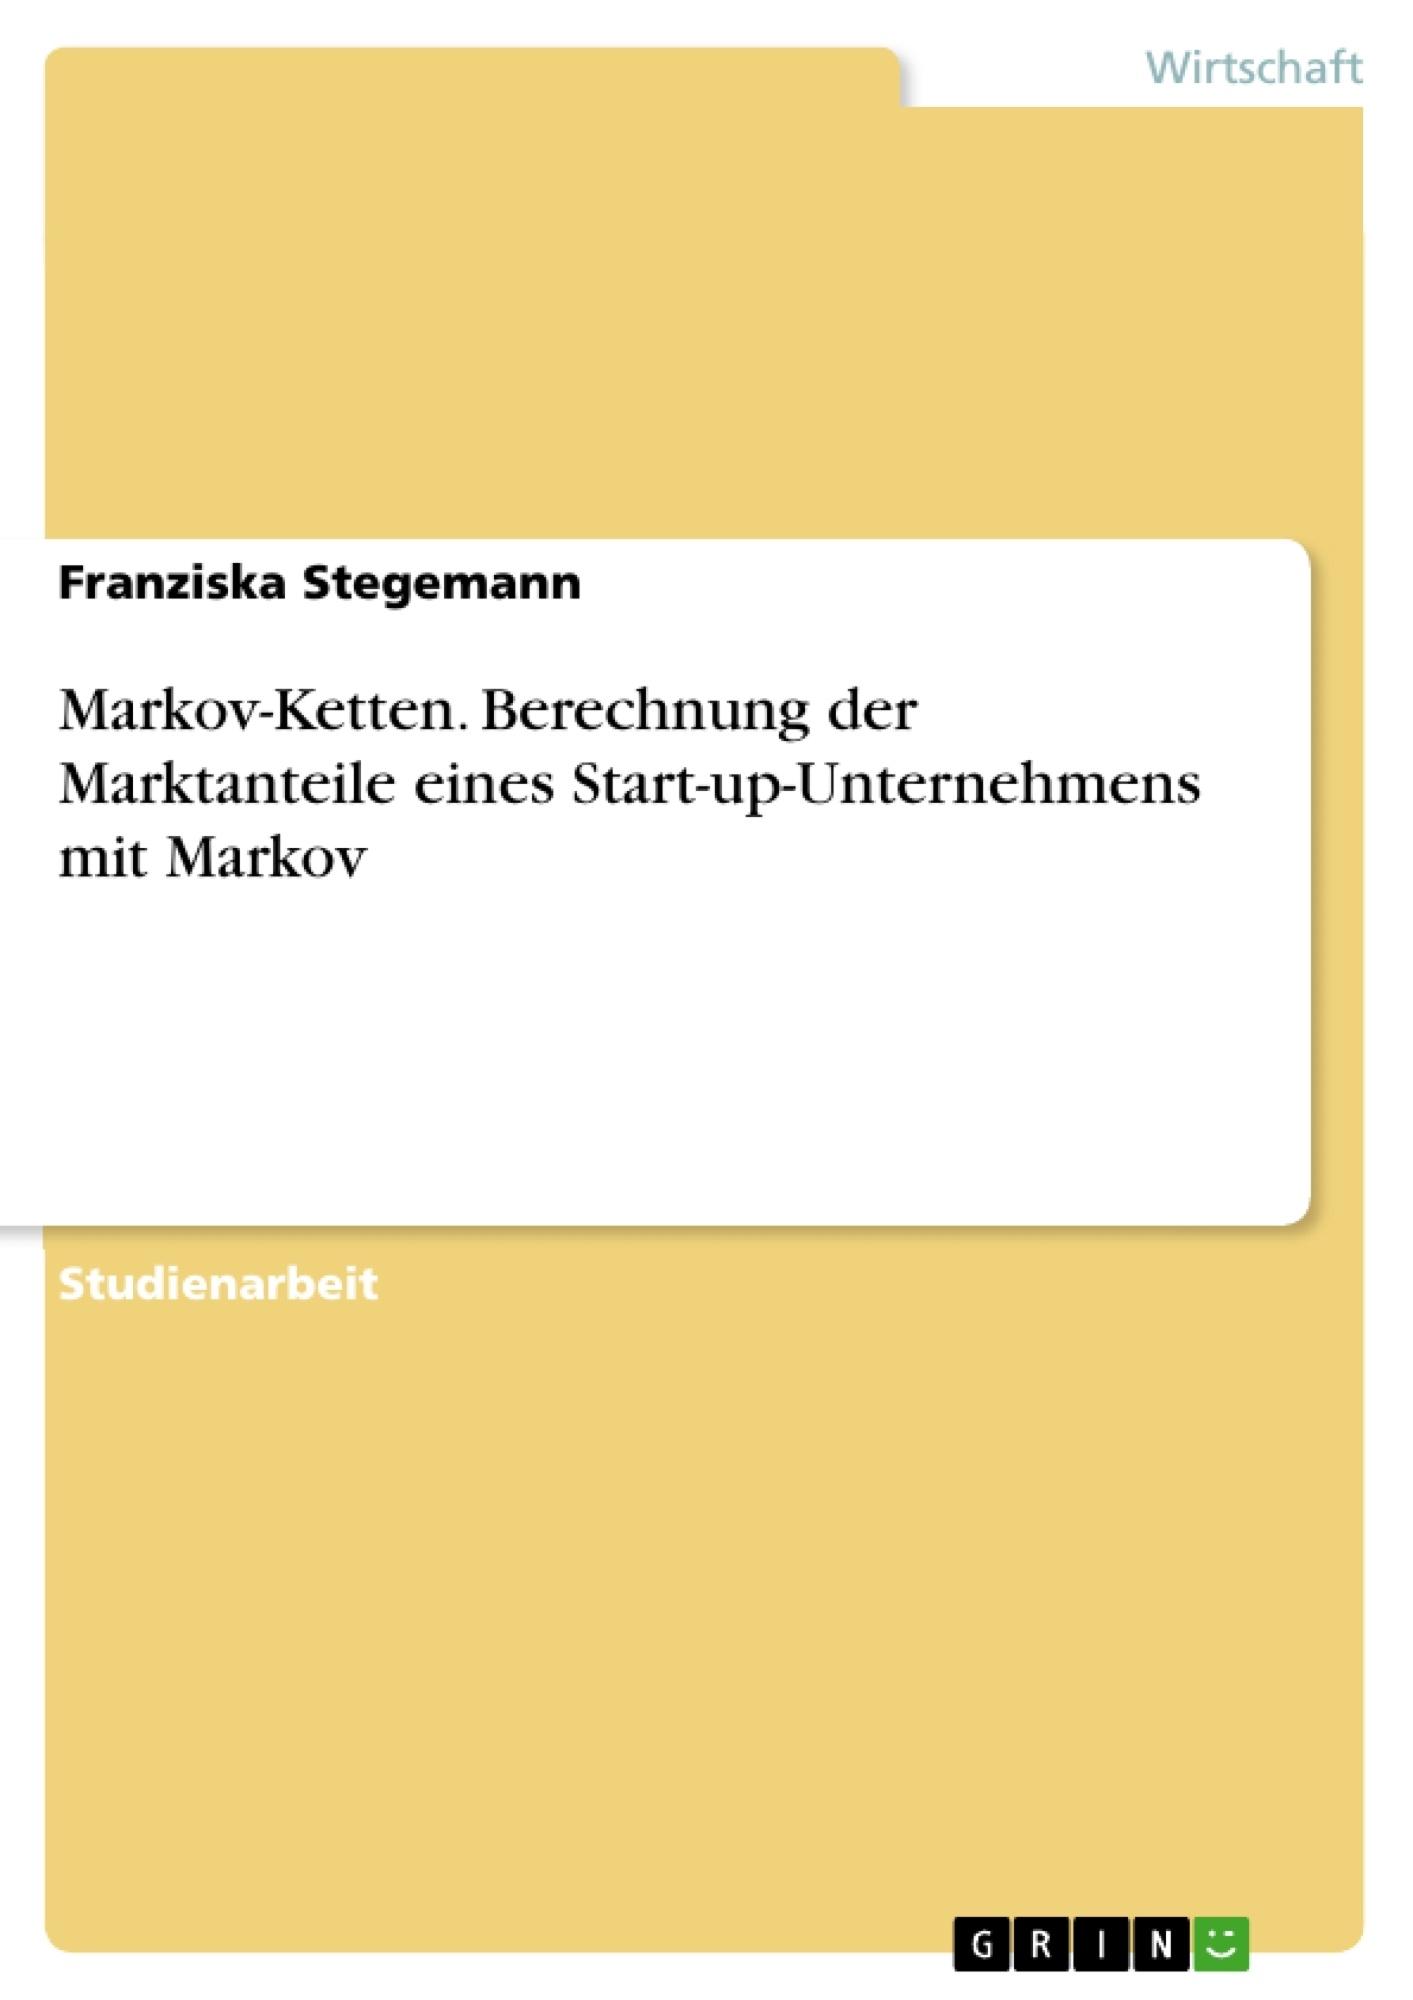 Titel: Markov-Ketten. Berechnung der Marktanteile eines Start-up-Unternehmens mit Markov